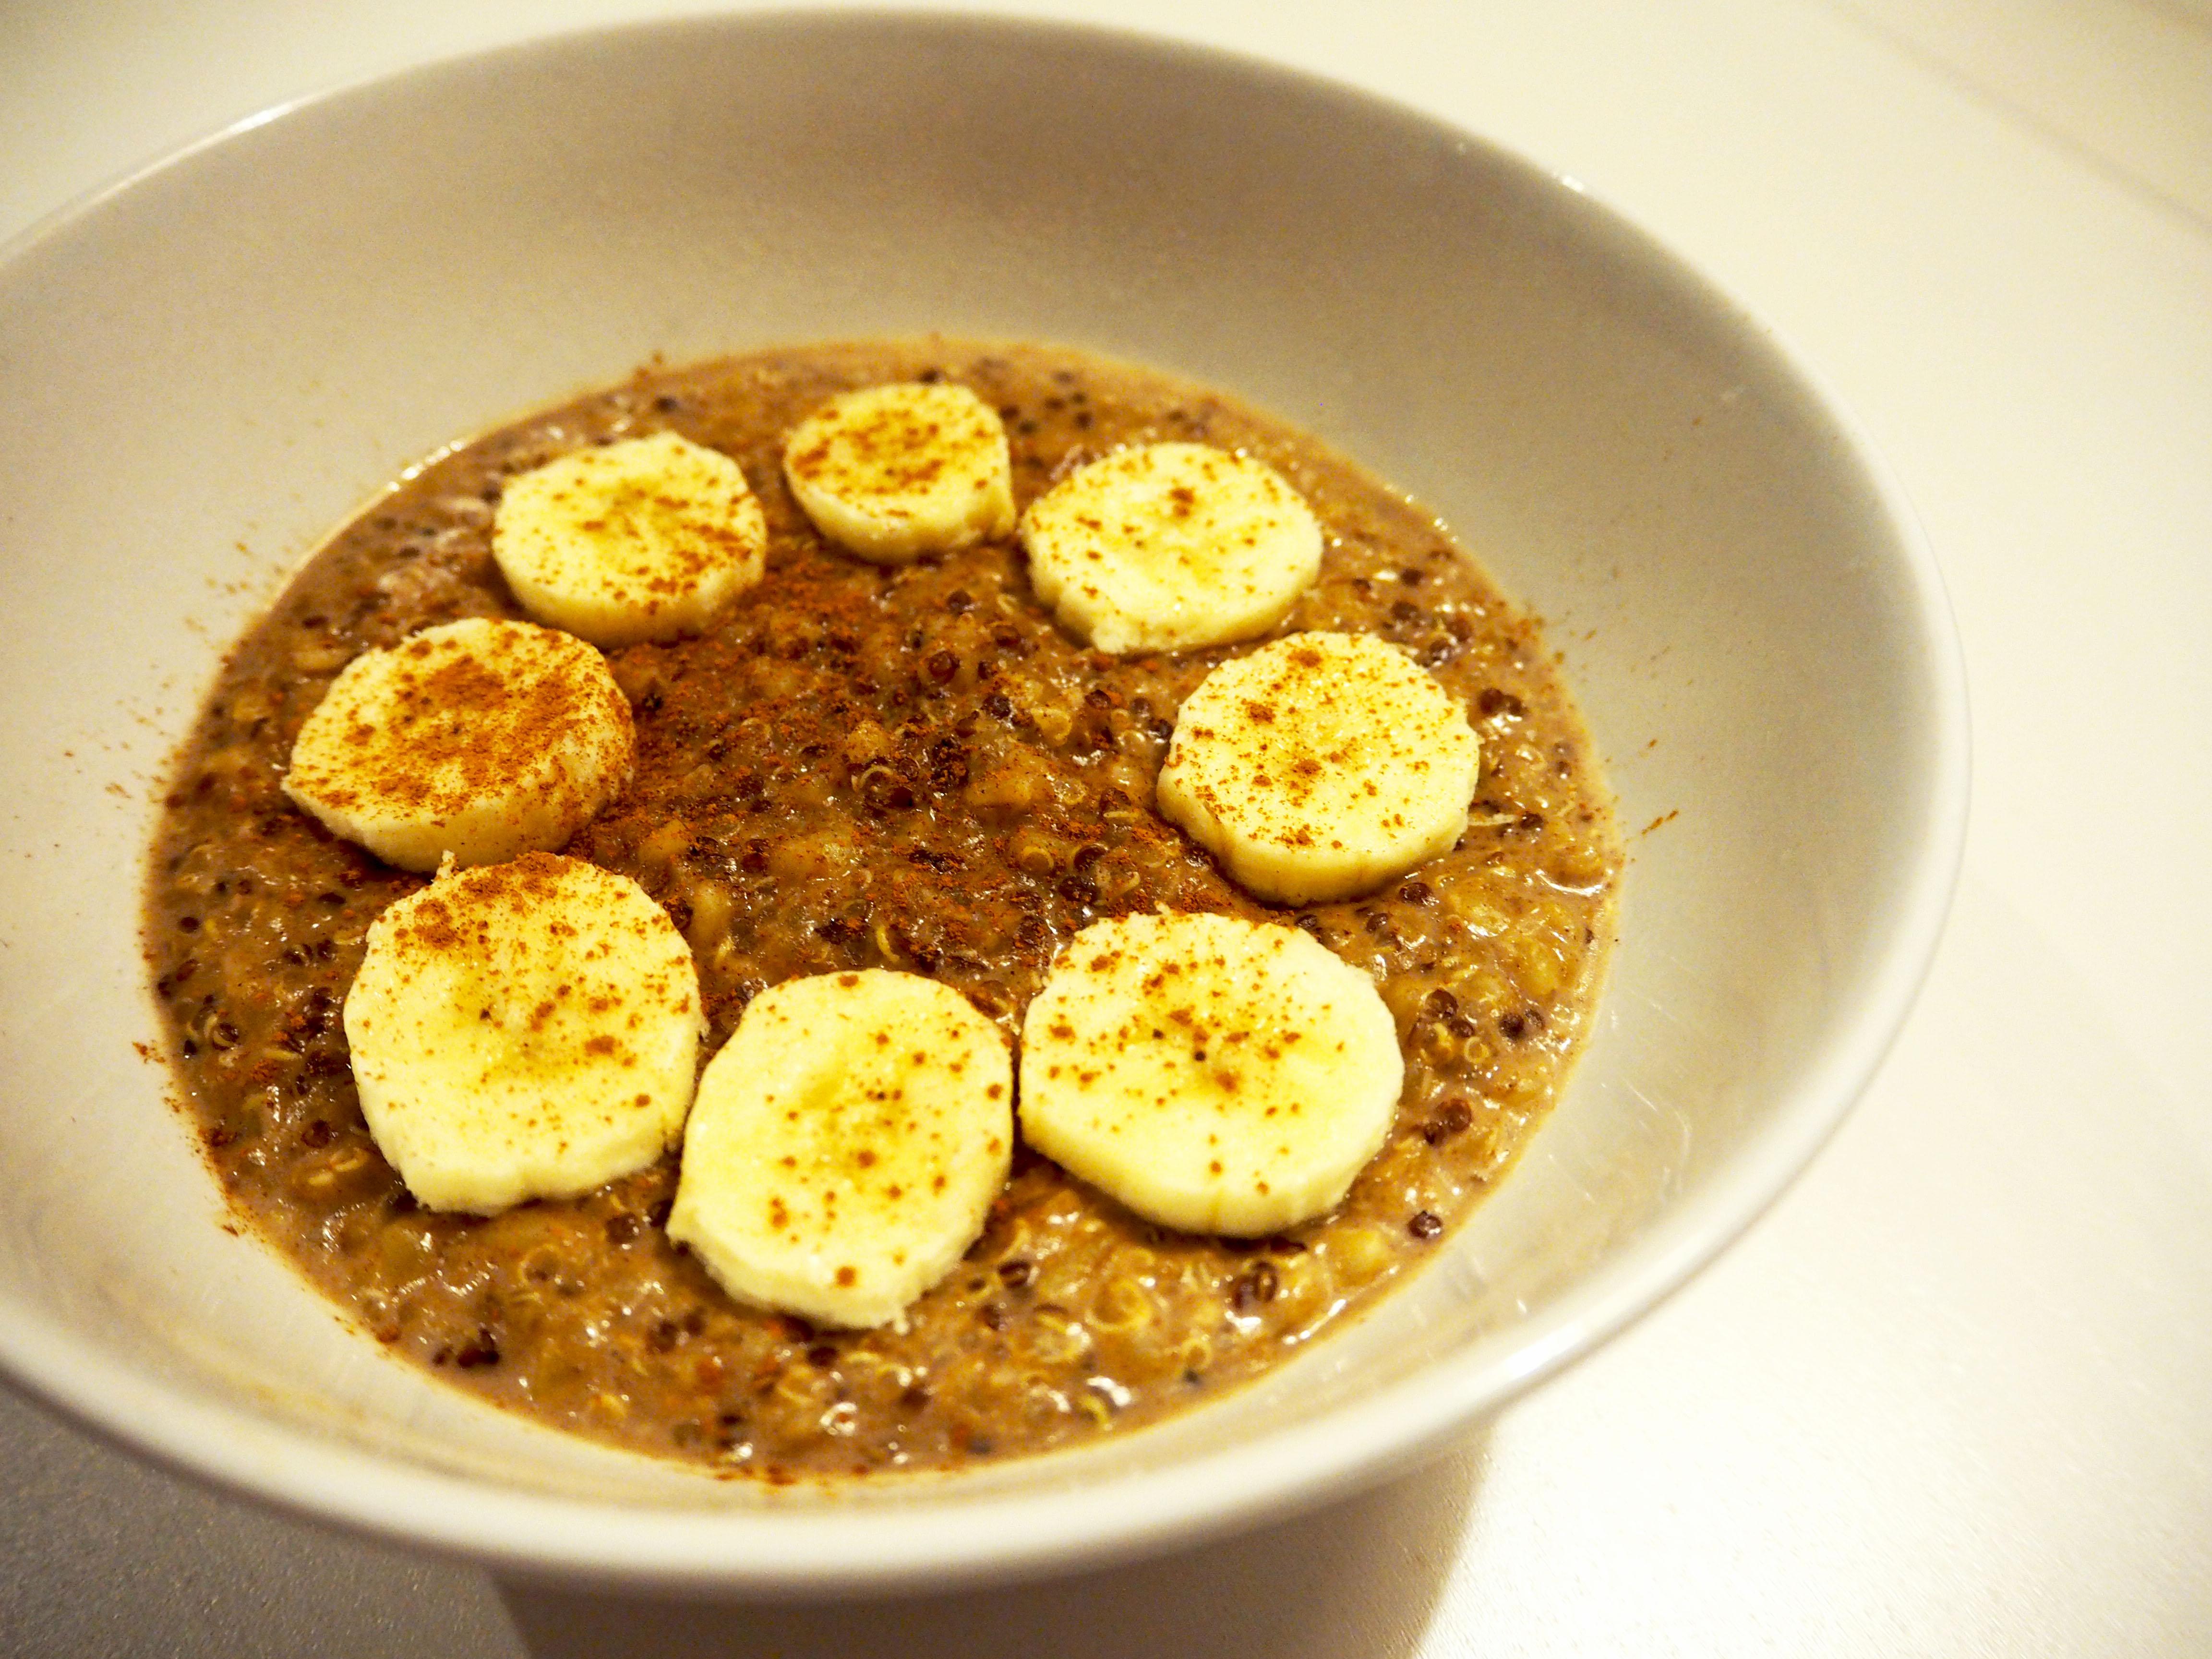 ONTBIJT: quinoa-bulgur mix met kaneel en banaan